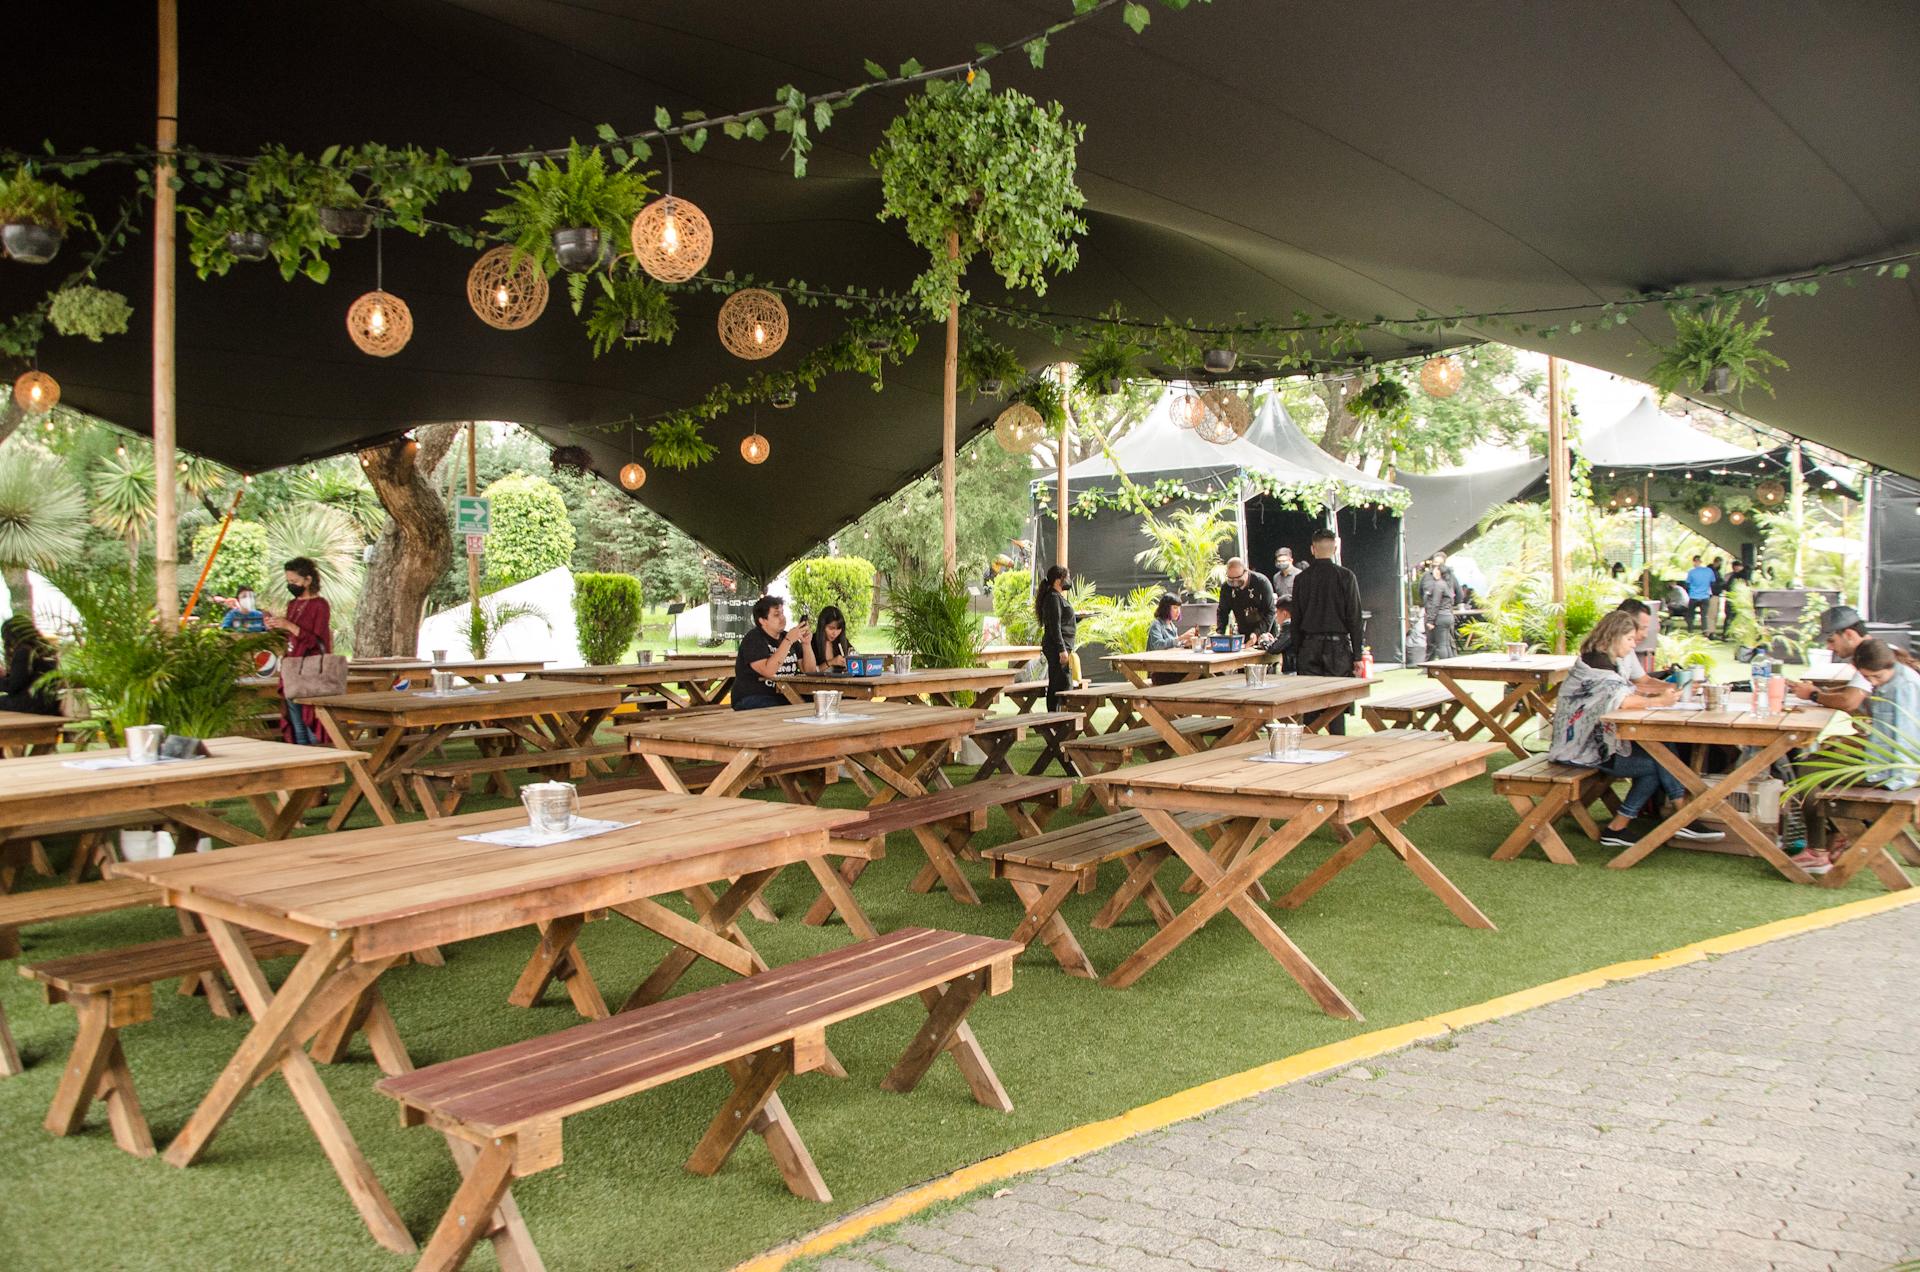 Terraza Gastronómica Citibanamex: un picnic urbano por tiempo limitado